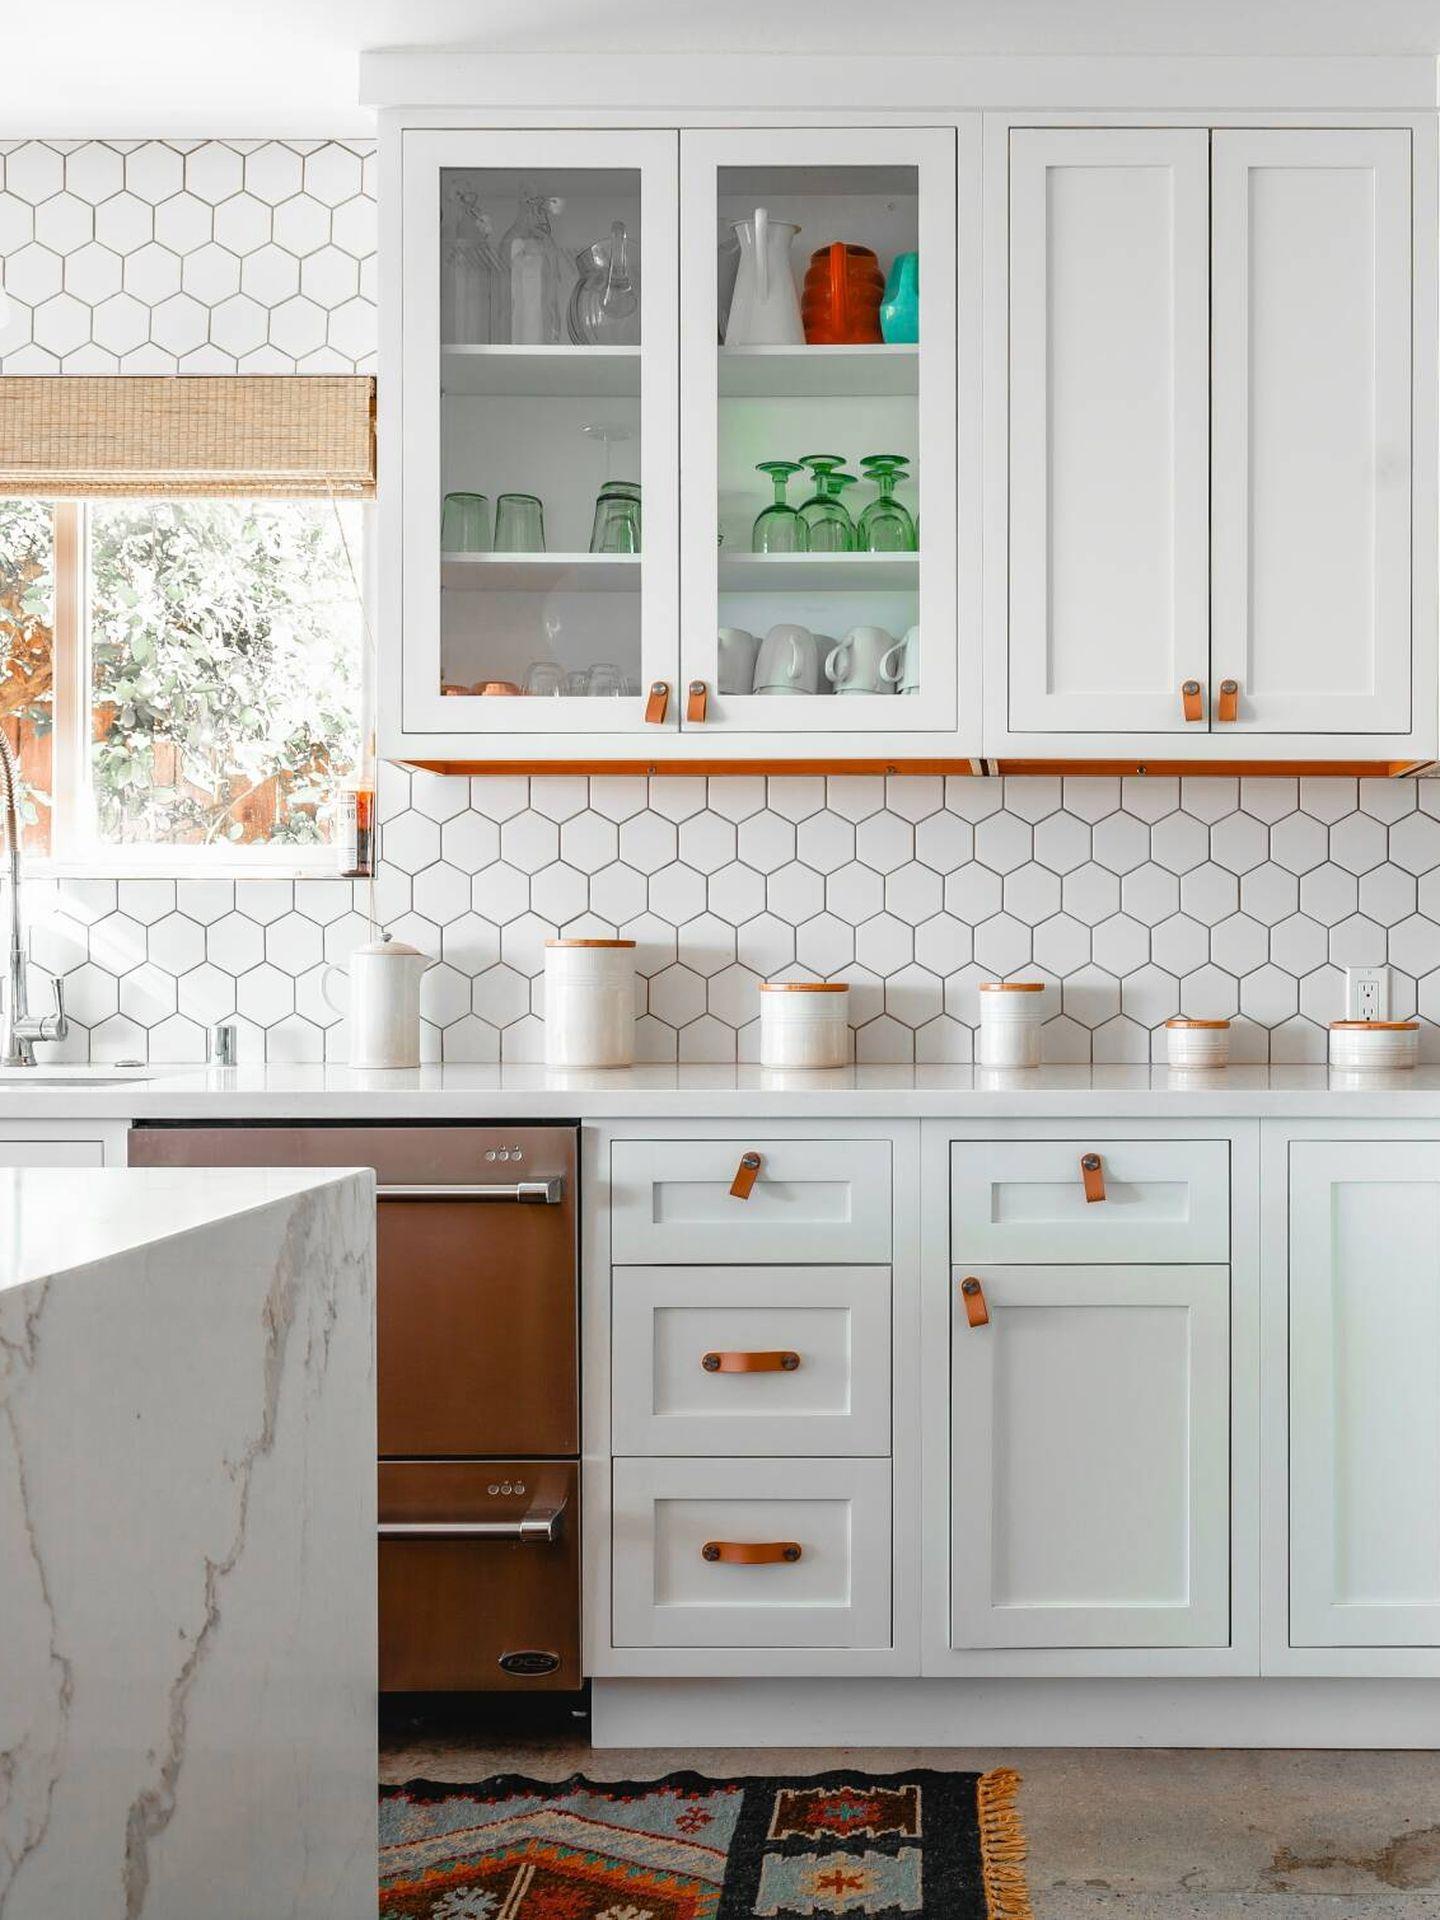 Orden y limpieza en casa con el reto de los 21 días. (Roam In Color para Unsplash)